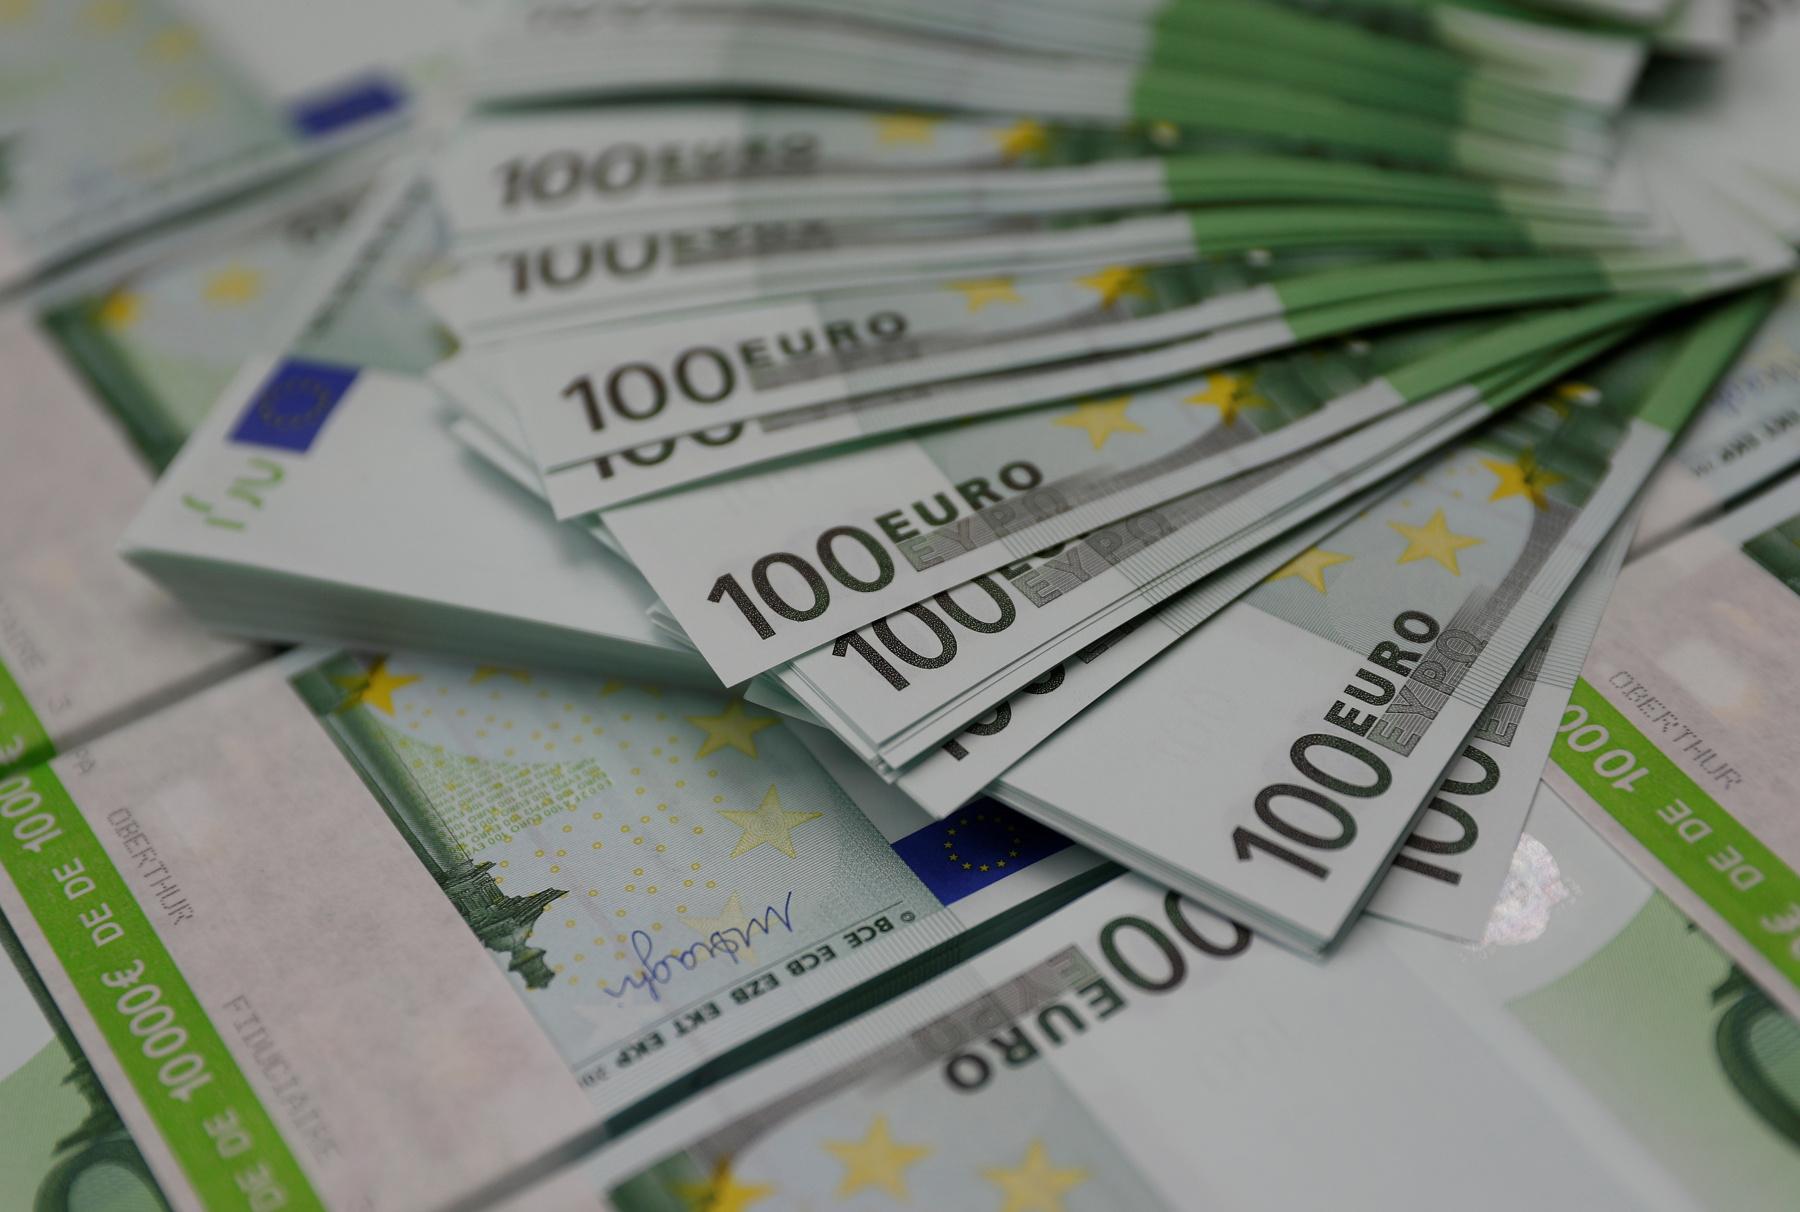 اليورو يسجل ذروة أسبوع وآمال لقاح كورونا ترفع معنويات المستثمرين